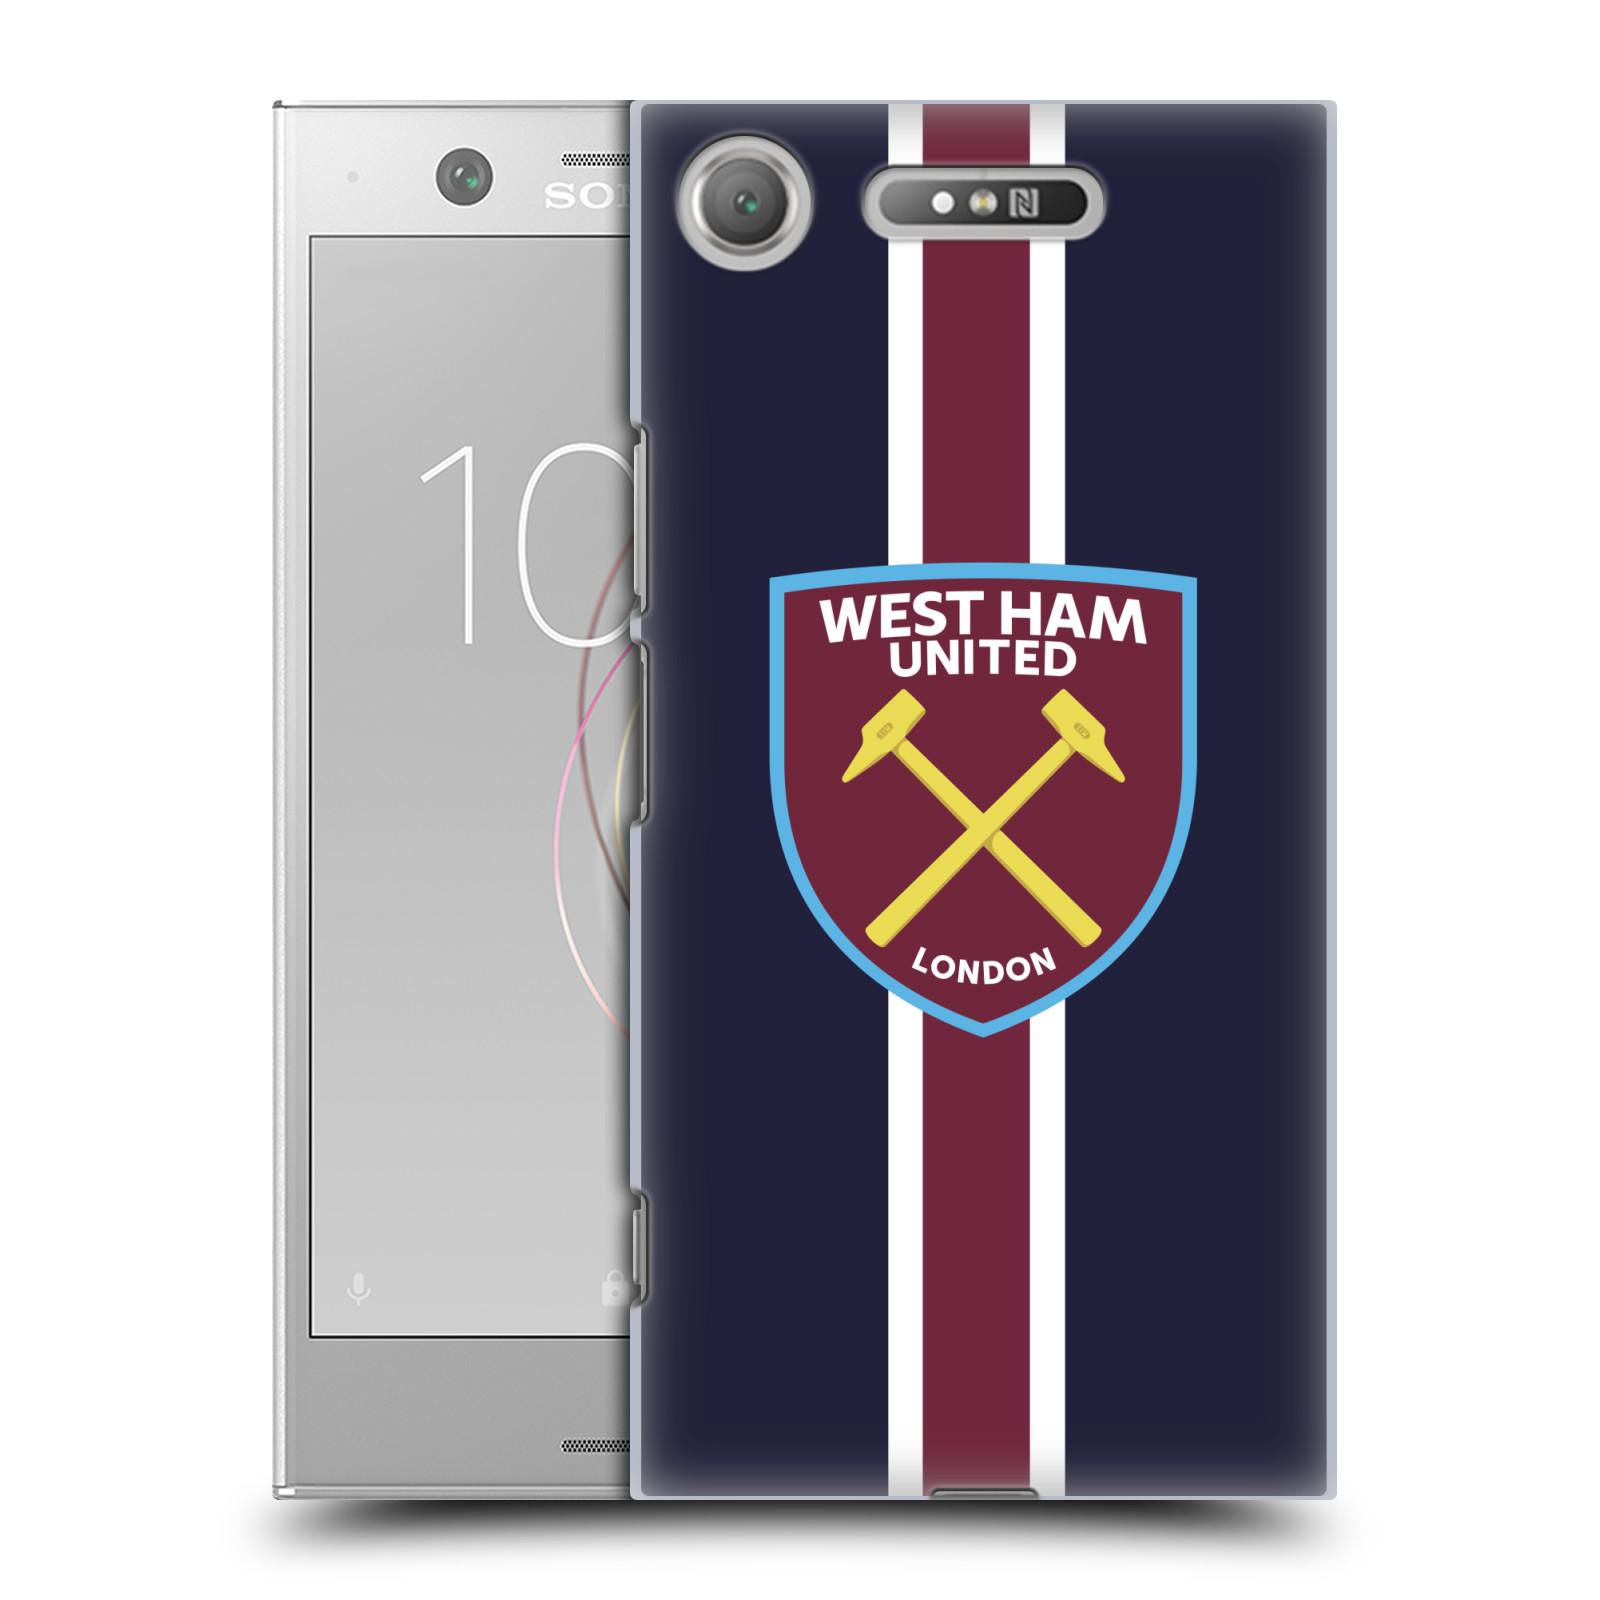 Plastové pouzdro na mobil Sony Xperia XZ1 - Head Case - West Ham United - Pruhy